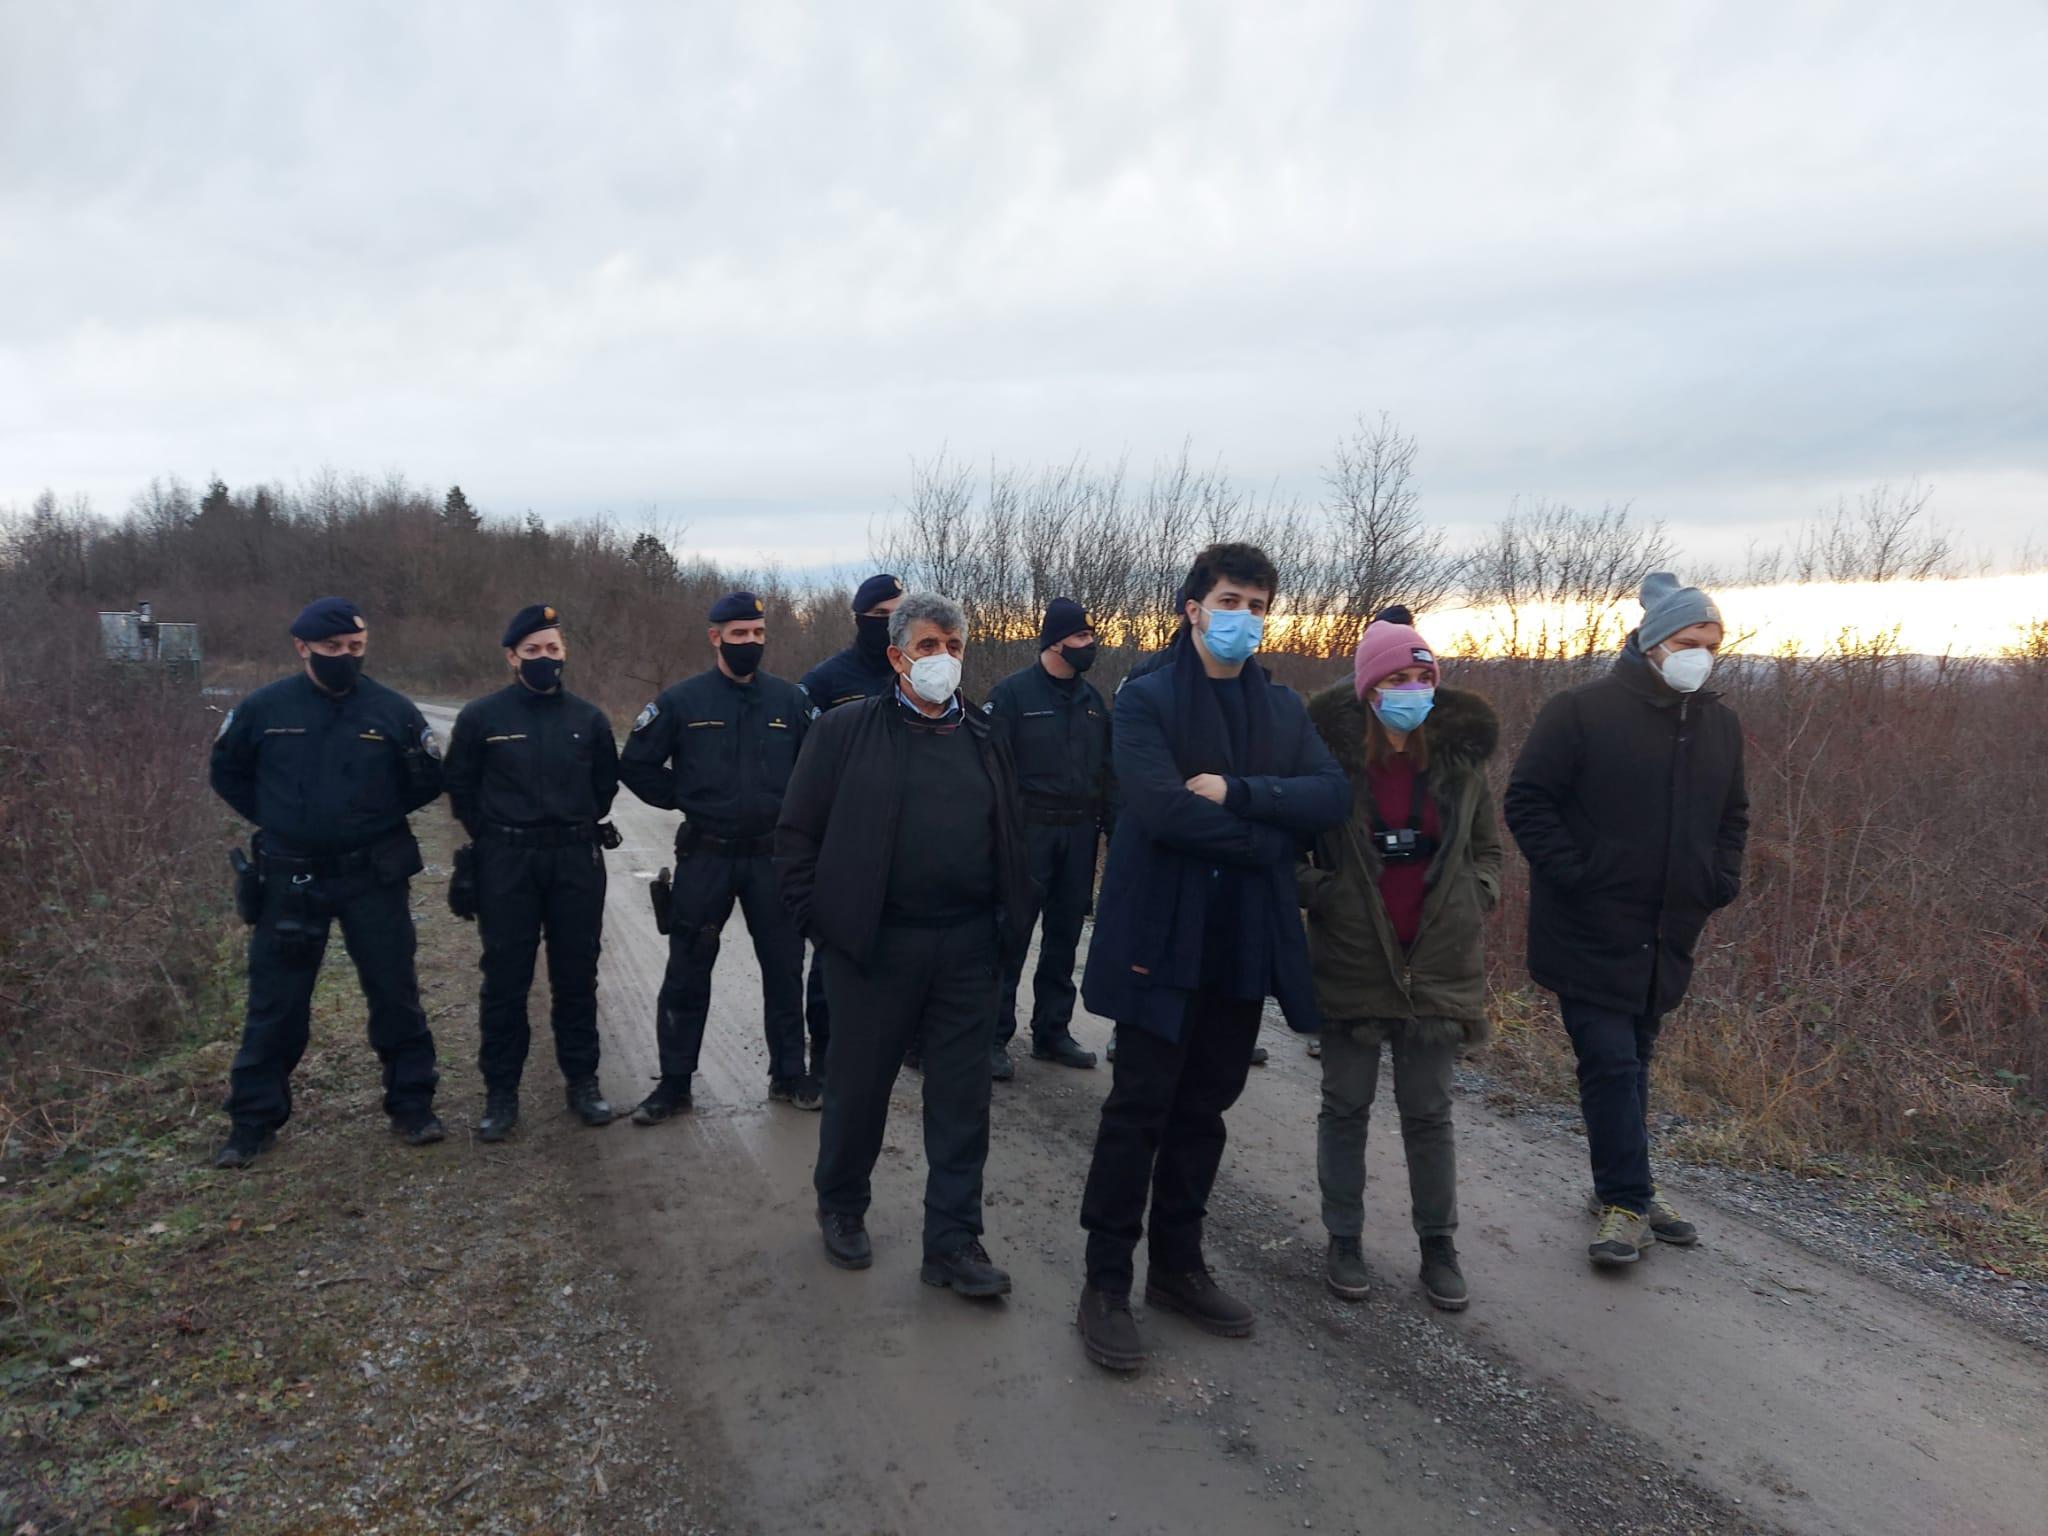 Gli eurodeputati al confine con la polizia croata (foto © N. Scavo)